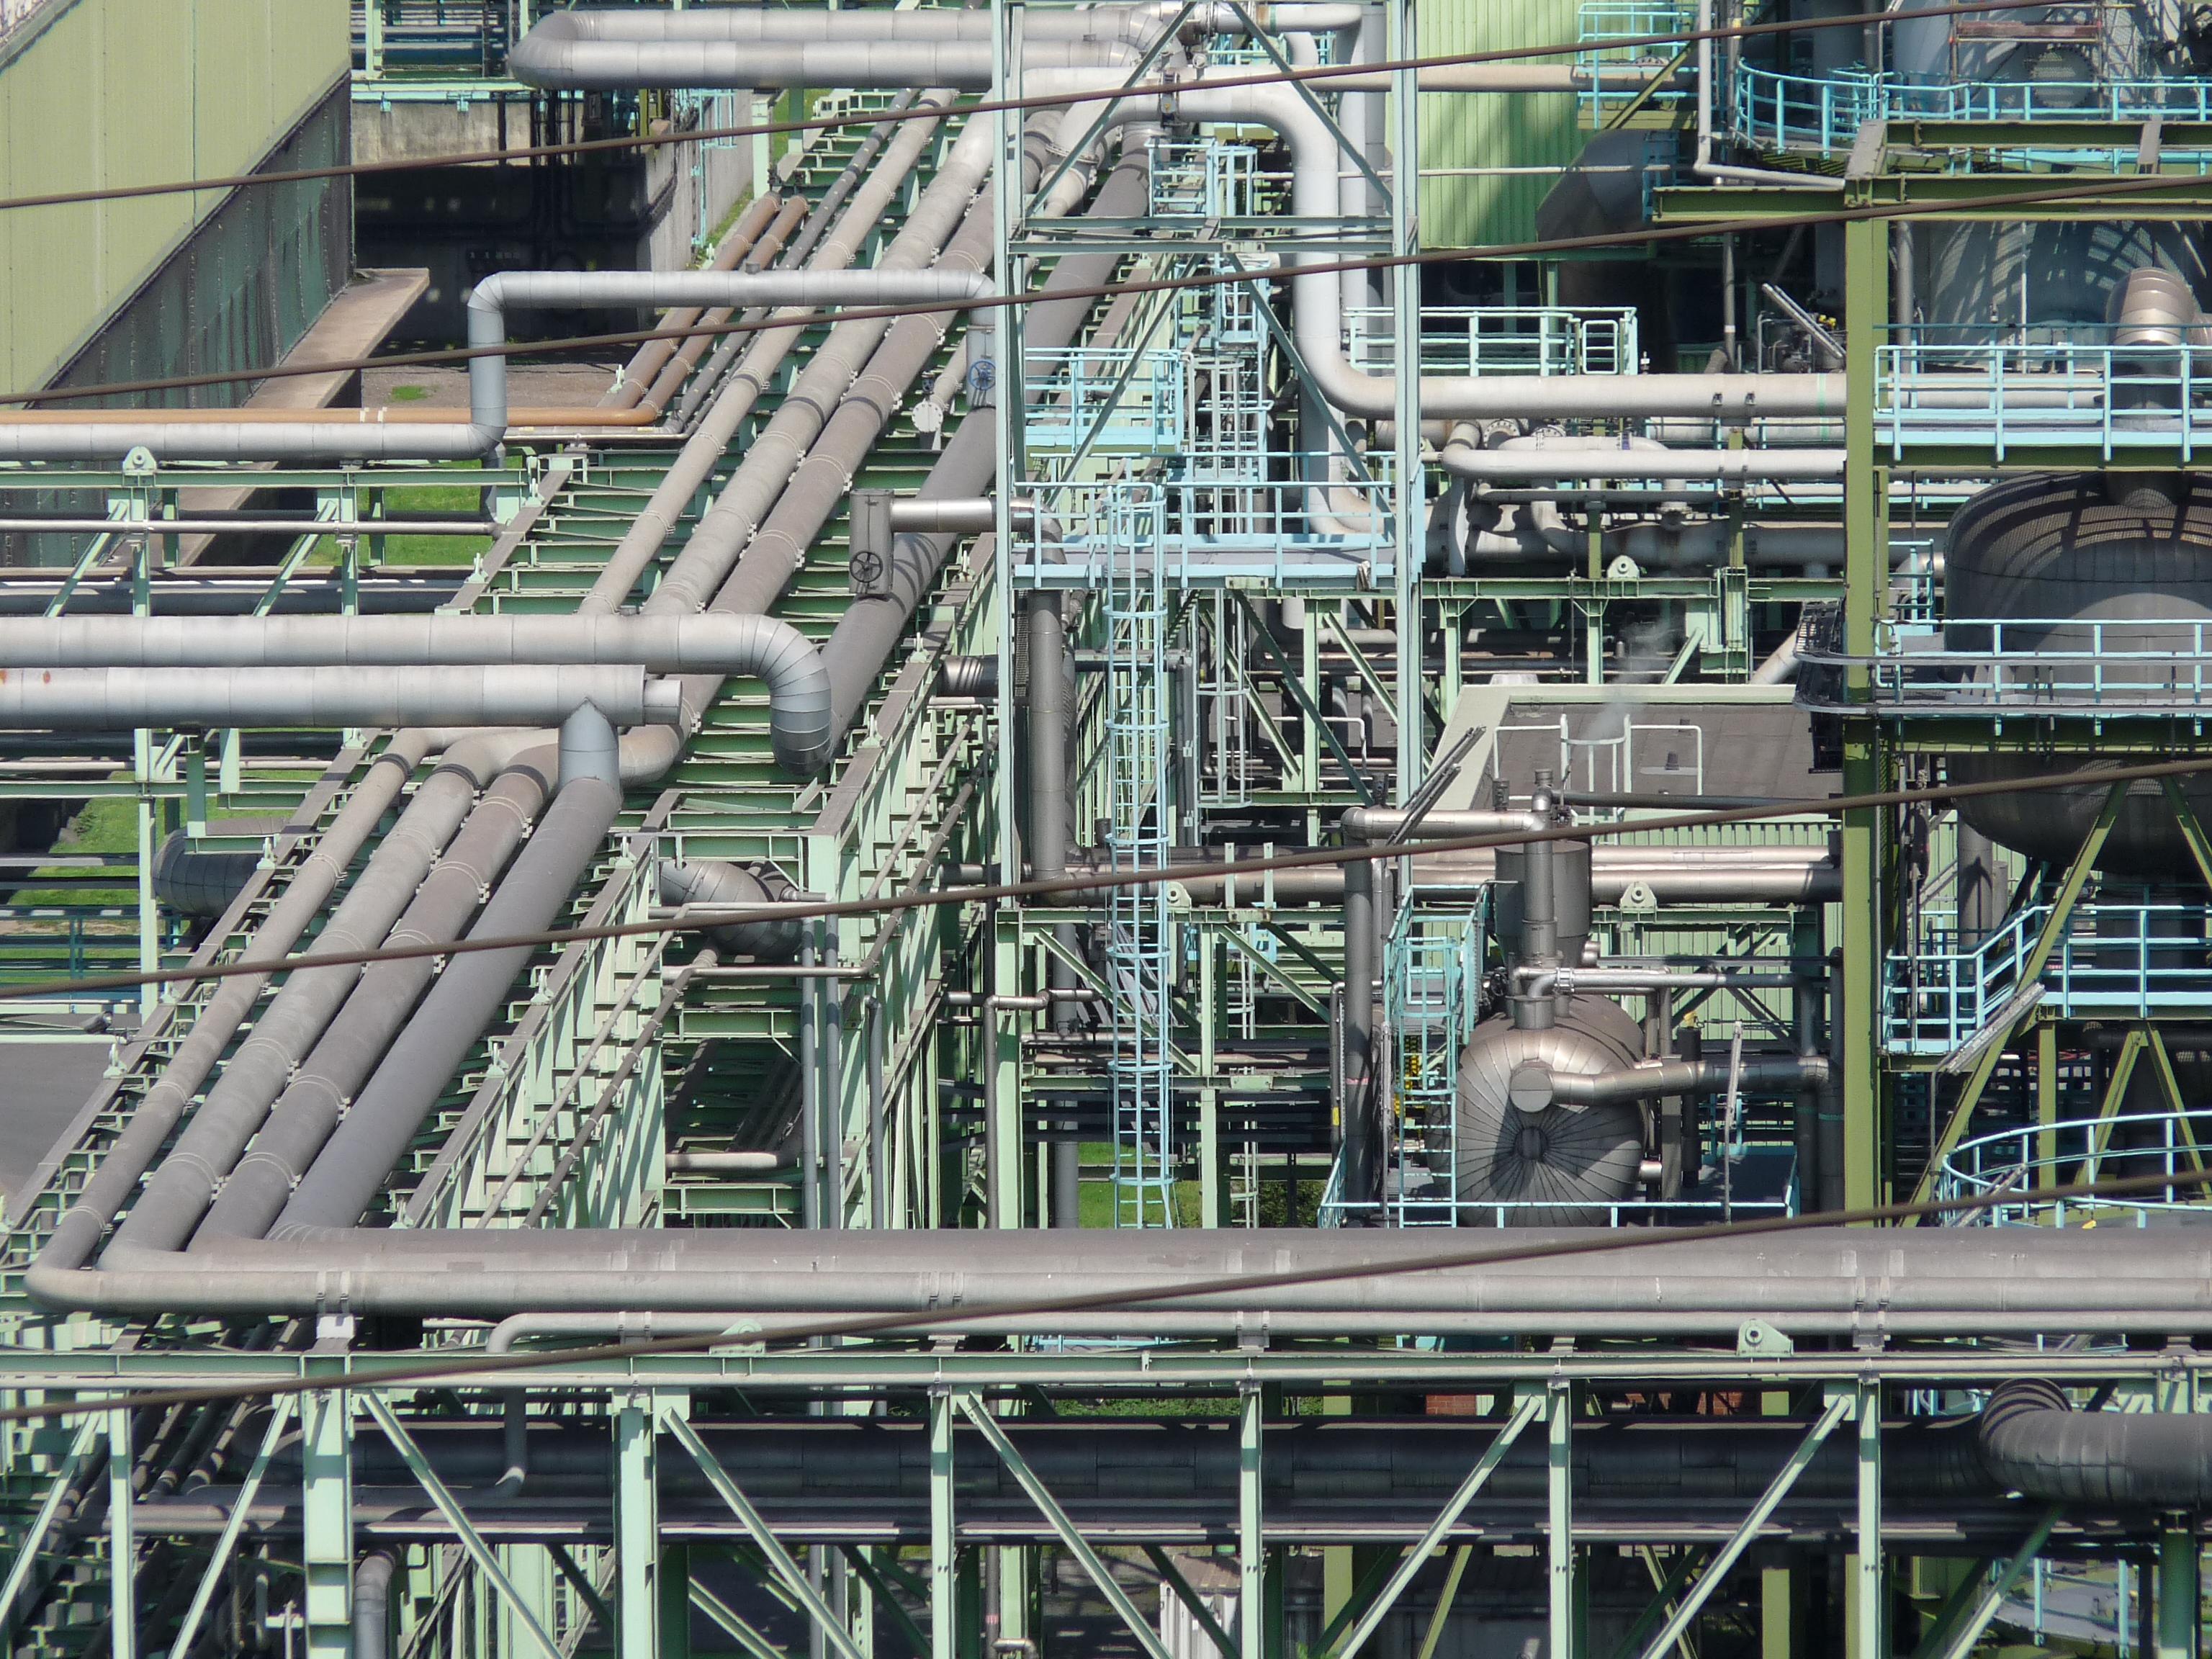 Leitungsrohre in einem chemischen Werk.